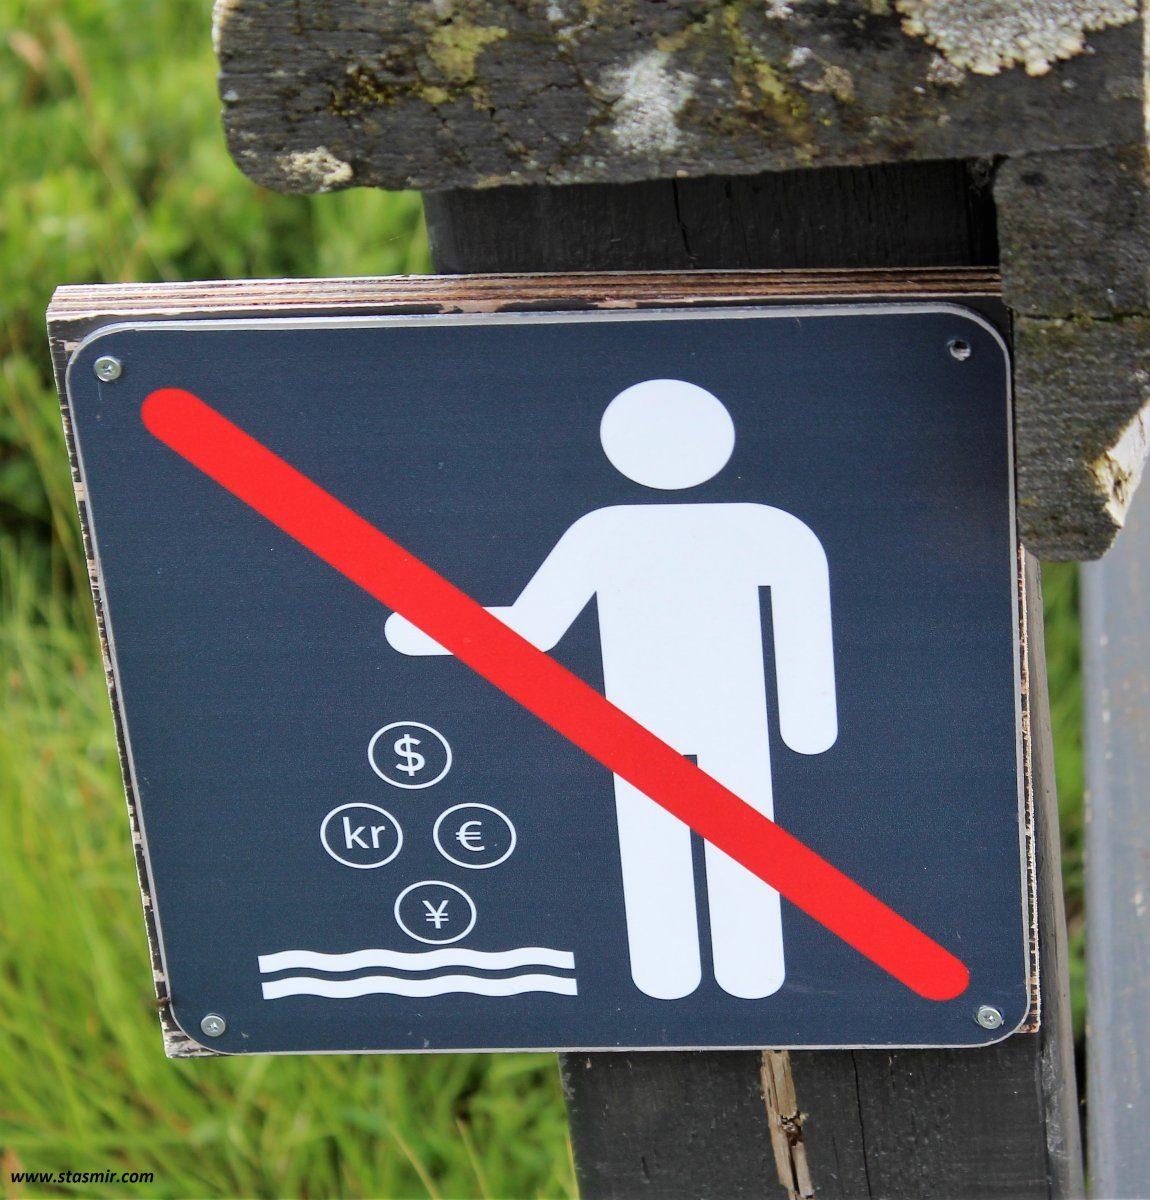 Денежки не бросать! Тингветлир, Исландия, фото Стасмир, photo Stasmir